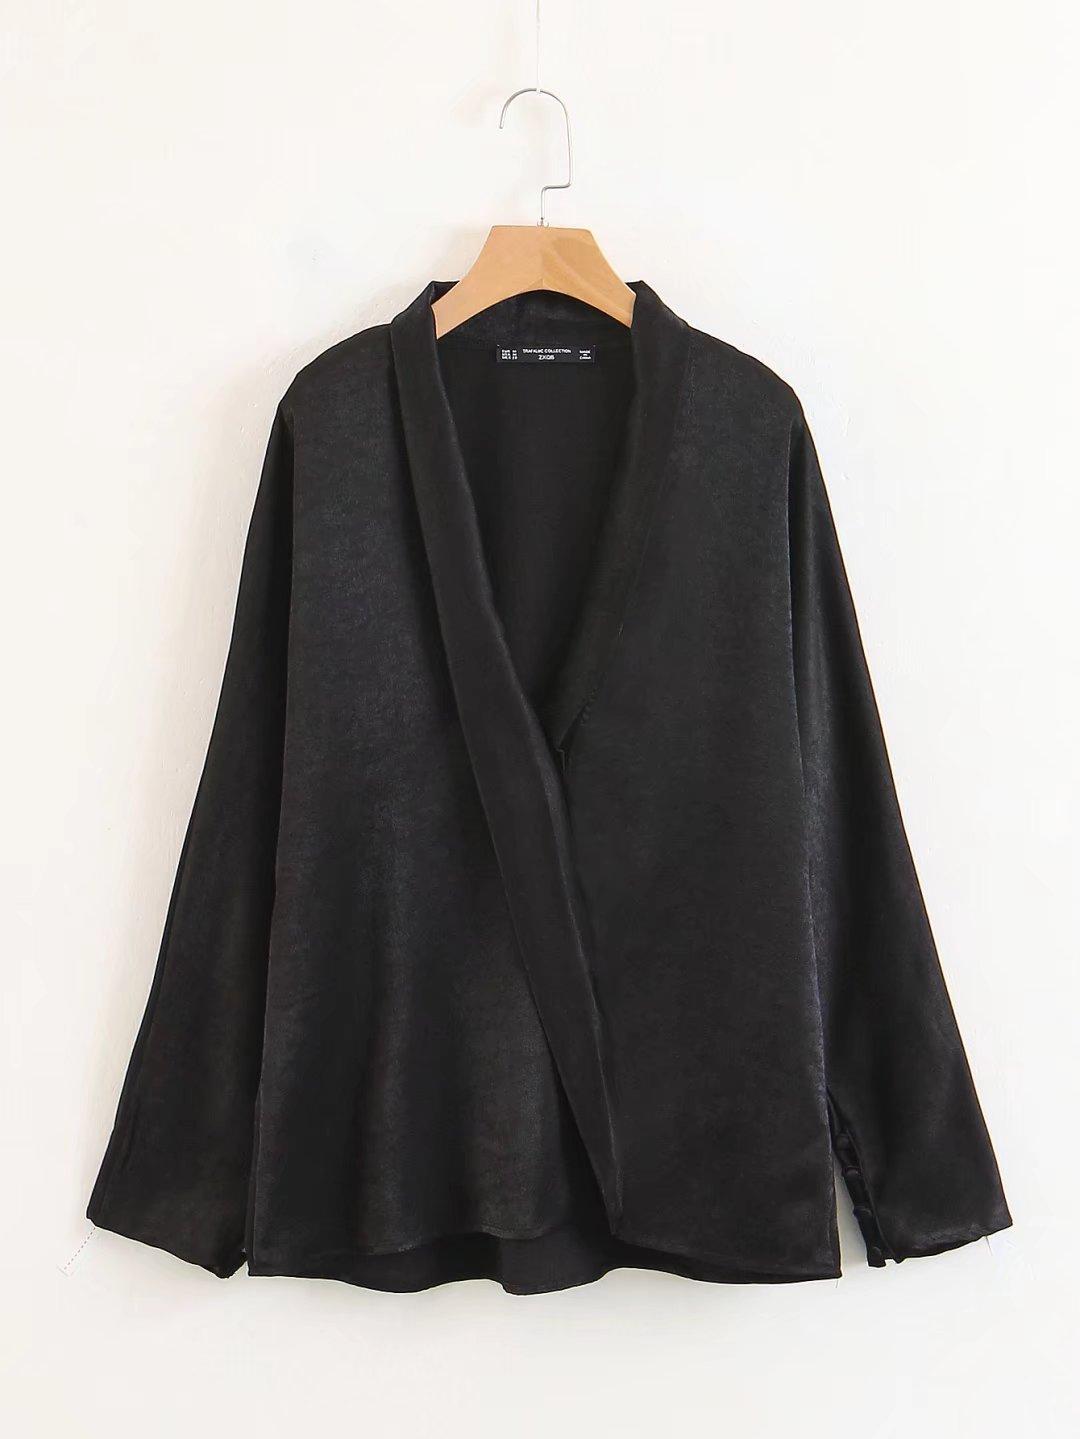 外贸原单大牌出口欧美风剪标真品尾单 新款纯色缎面双襟长袖衬衫